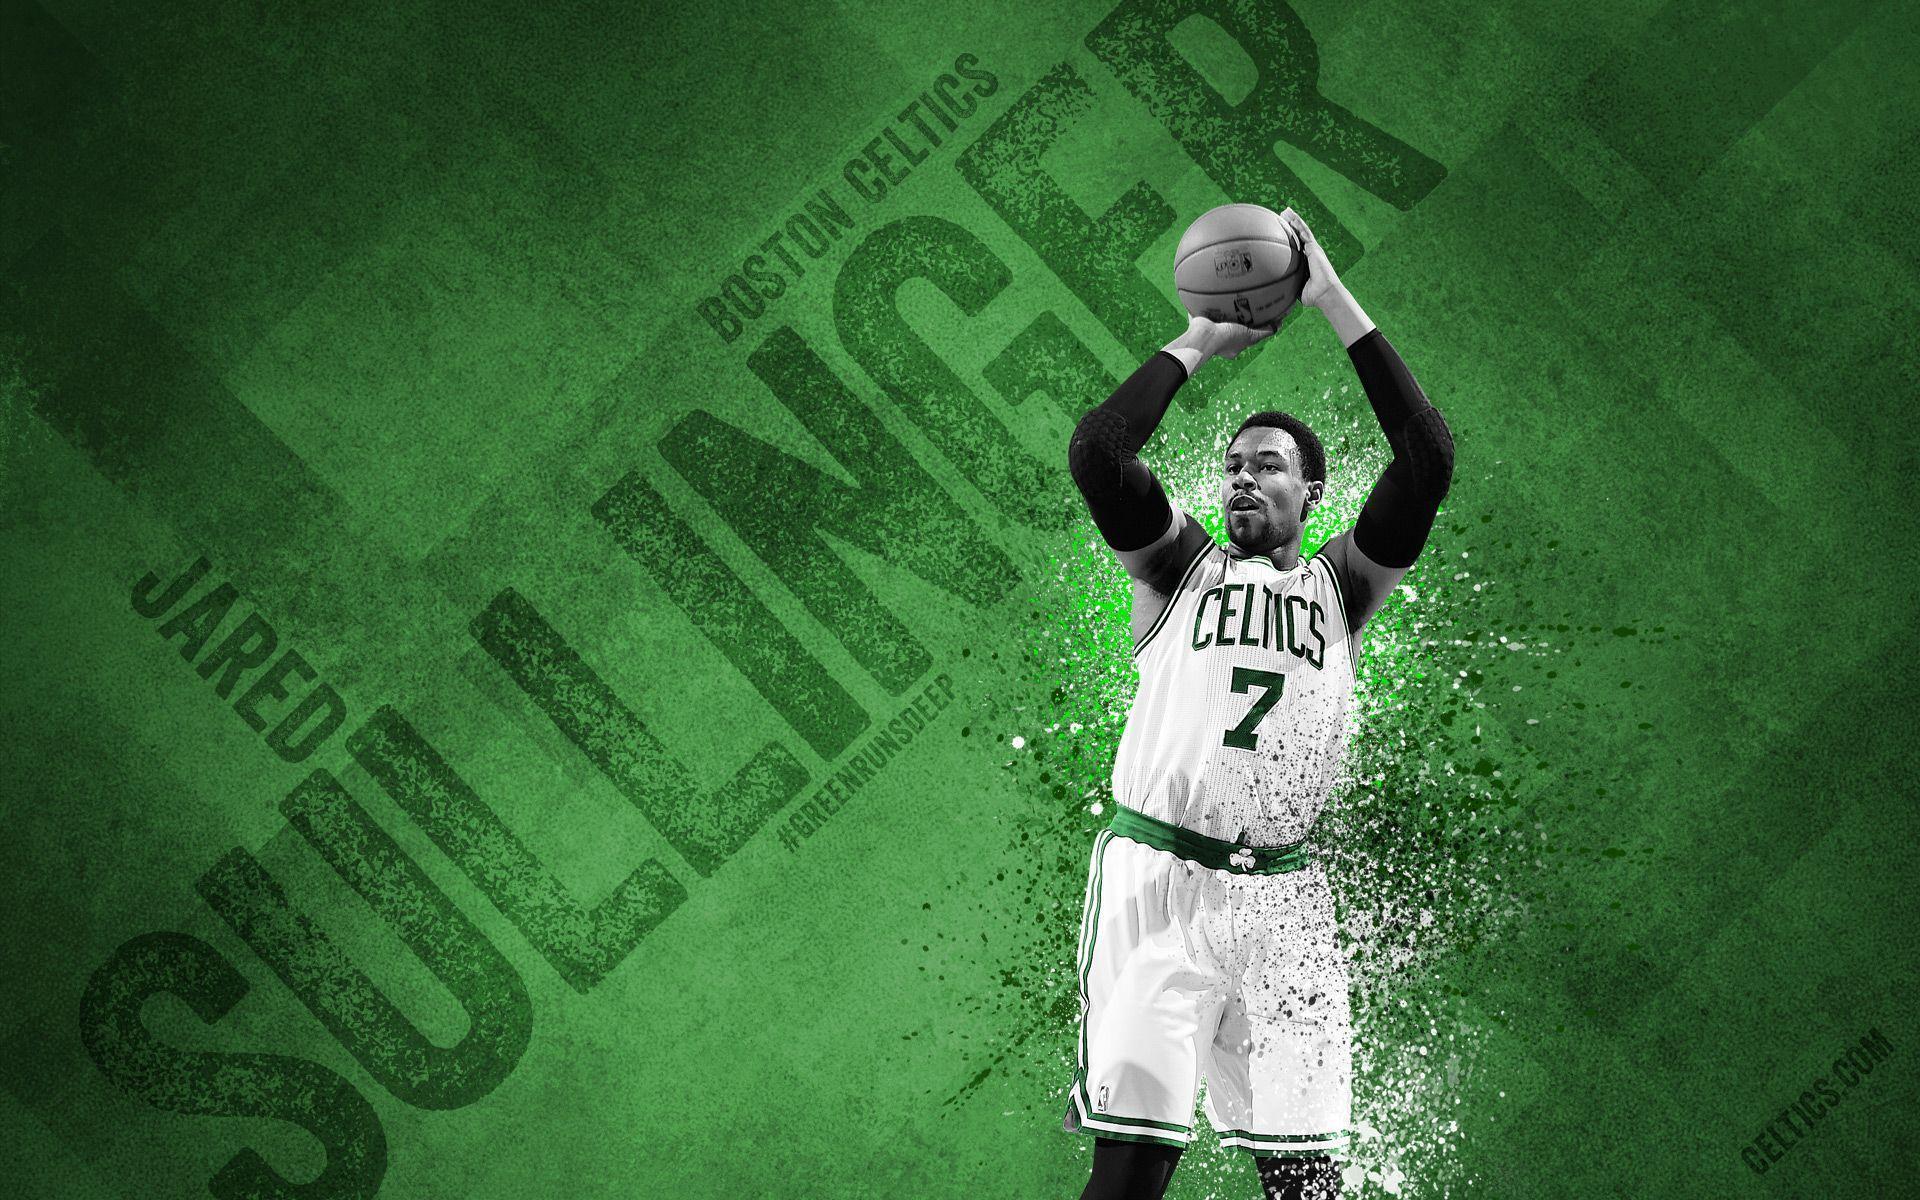 Celtics Wallpapers - Wallpaper Cave  |Boston Celtics Wallpaper